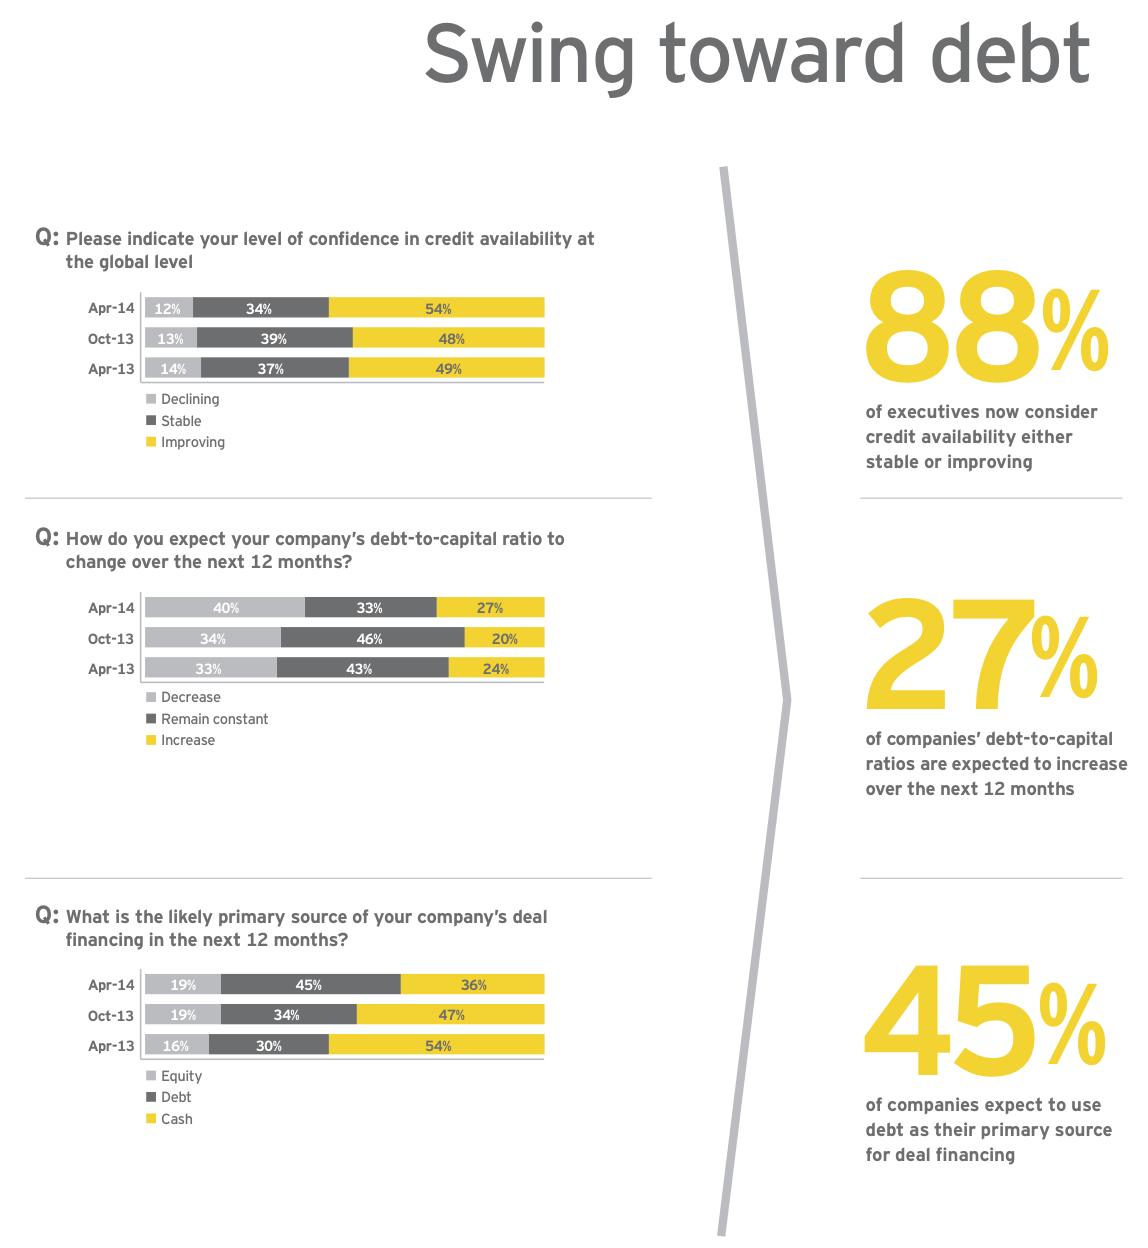 Figure 3: Swing toward debt